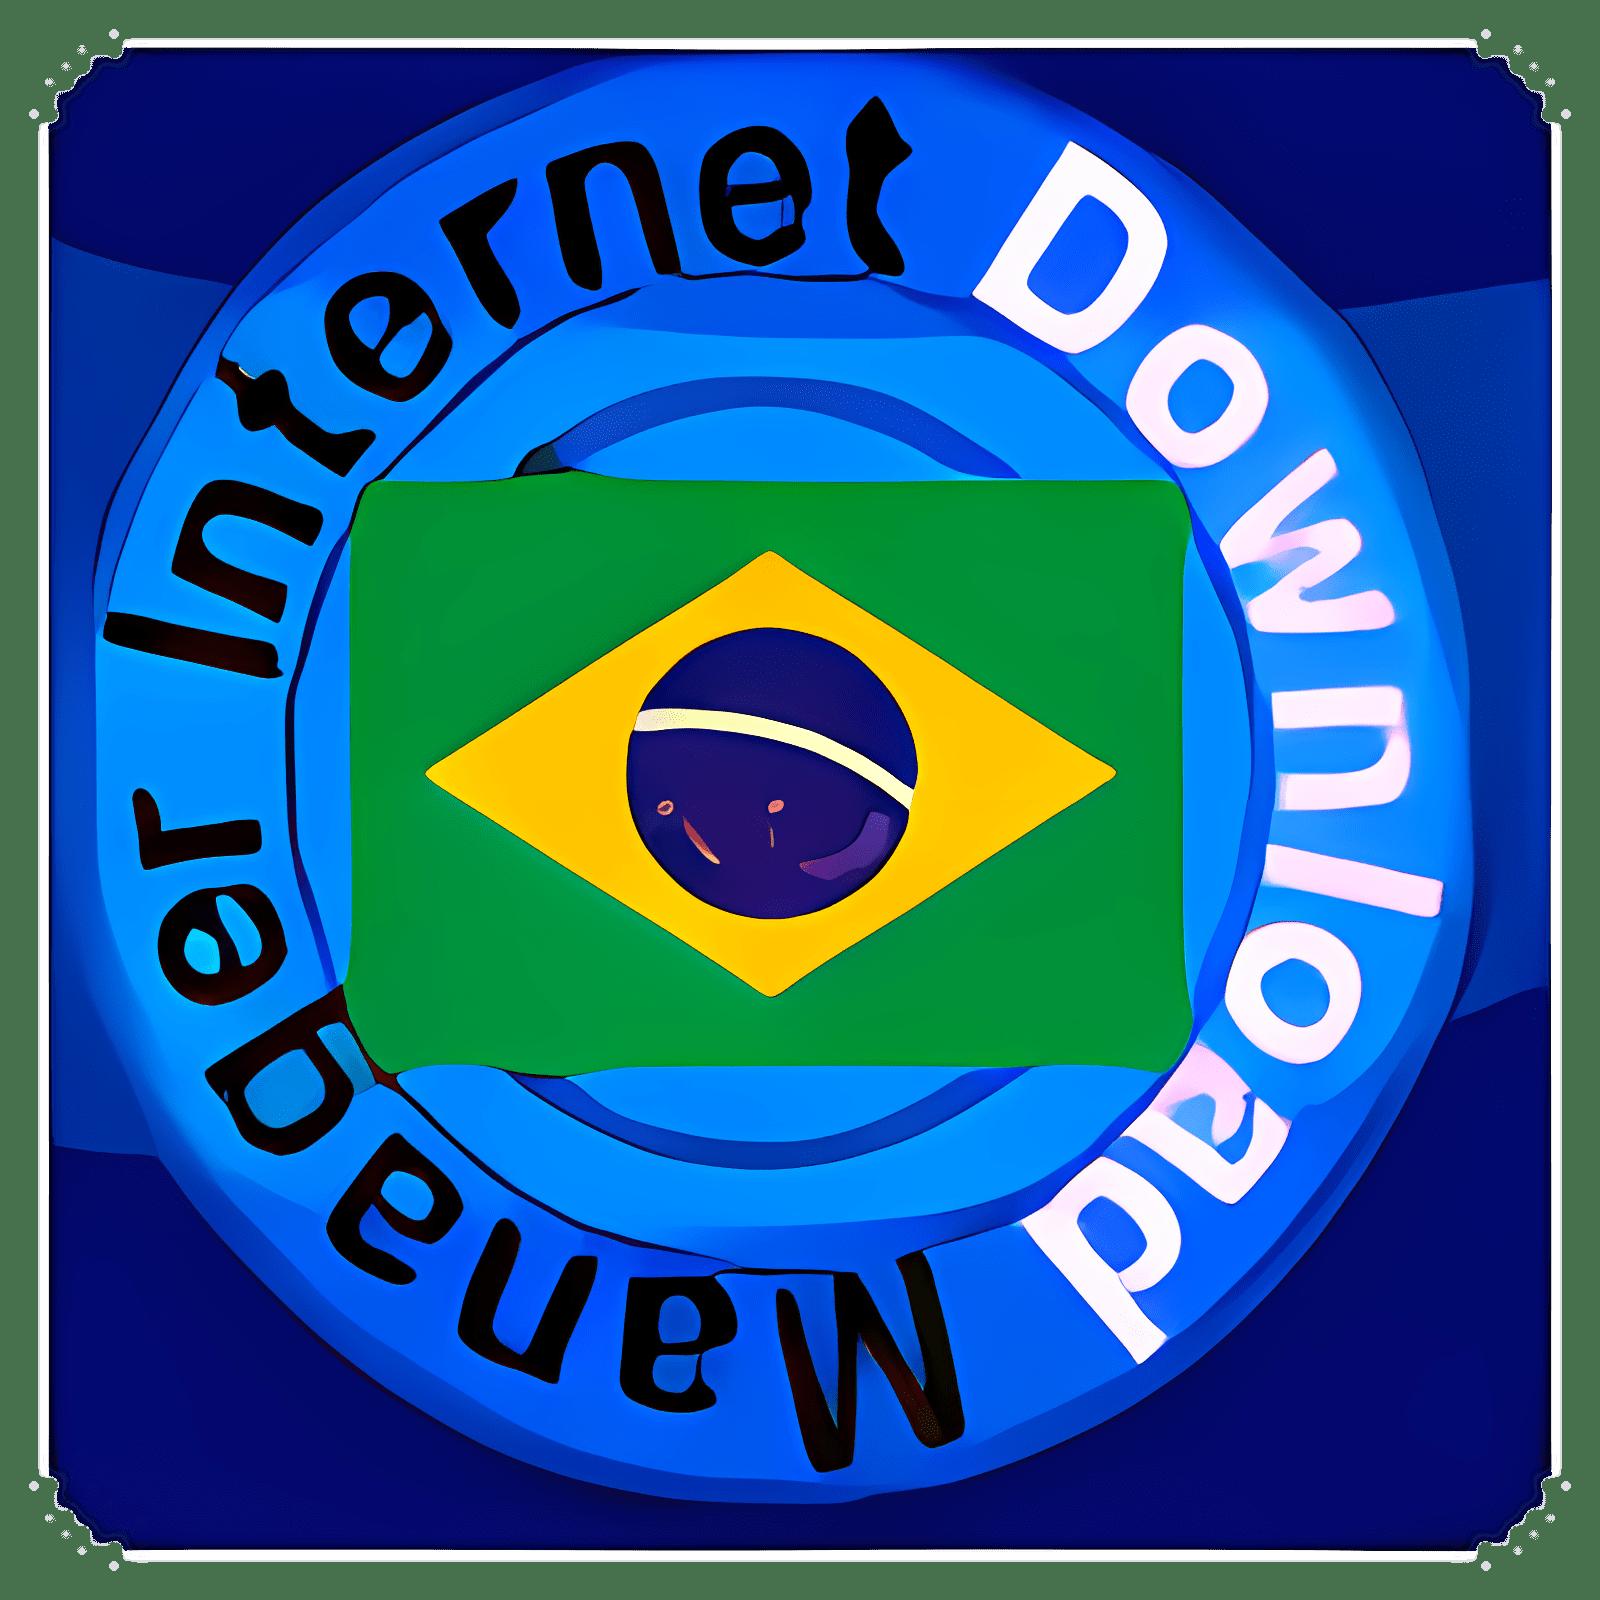 Português do Brasil para Internet Download Manager  (PT-BR)